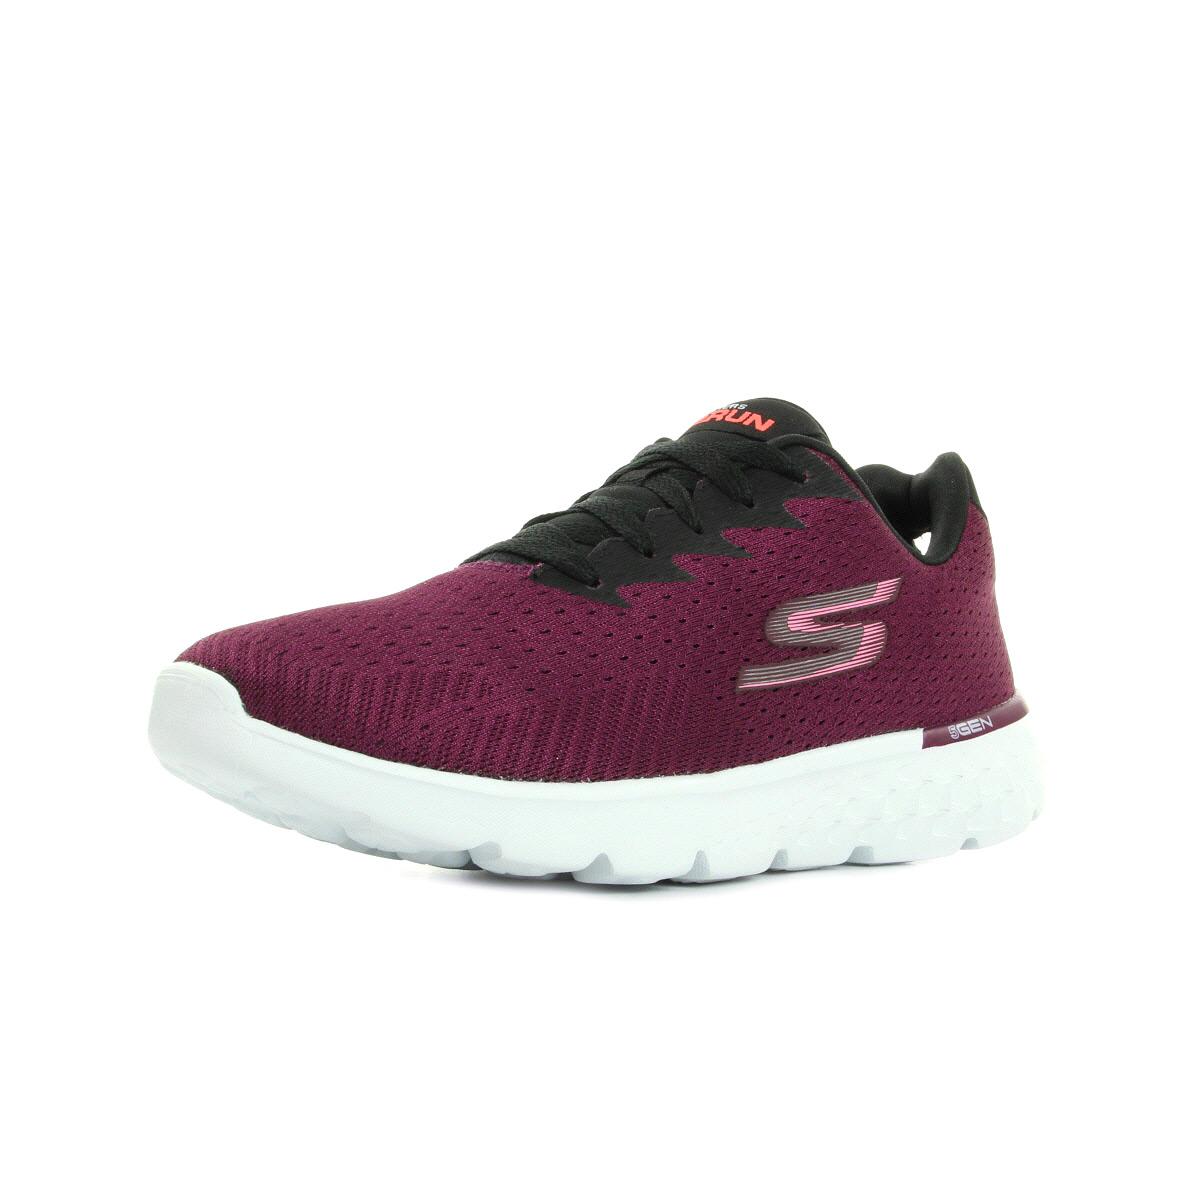 Skechers Baskets Go Run 400 Sole Chaussures Femme 4ArO5